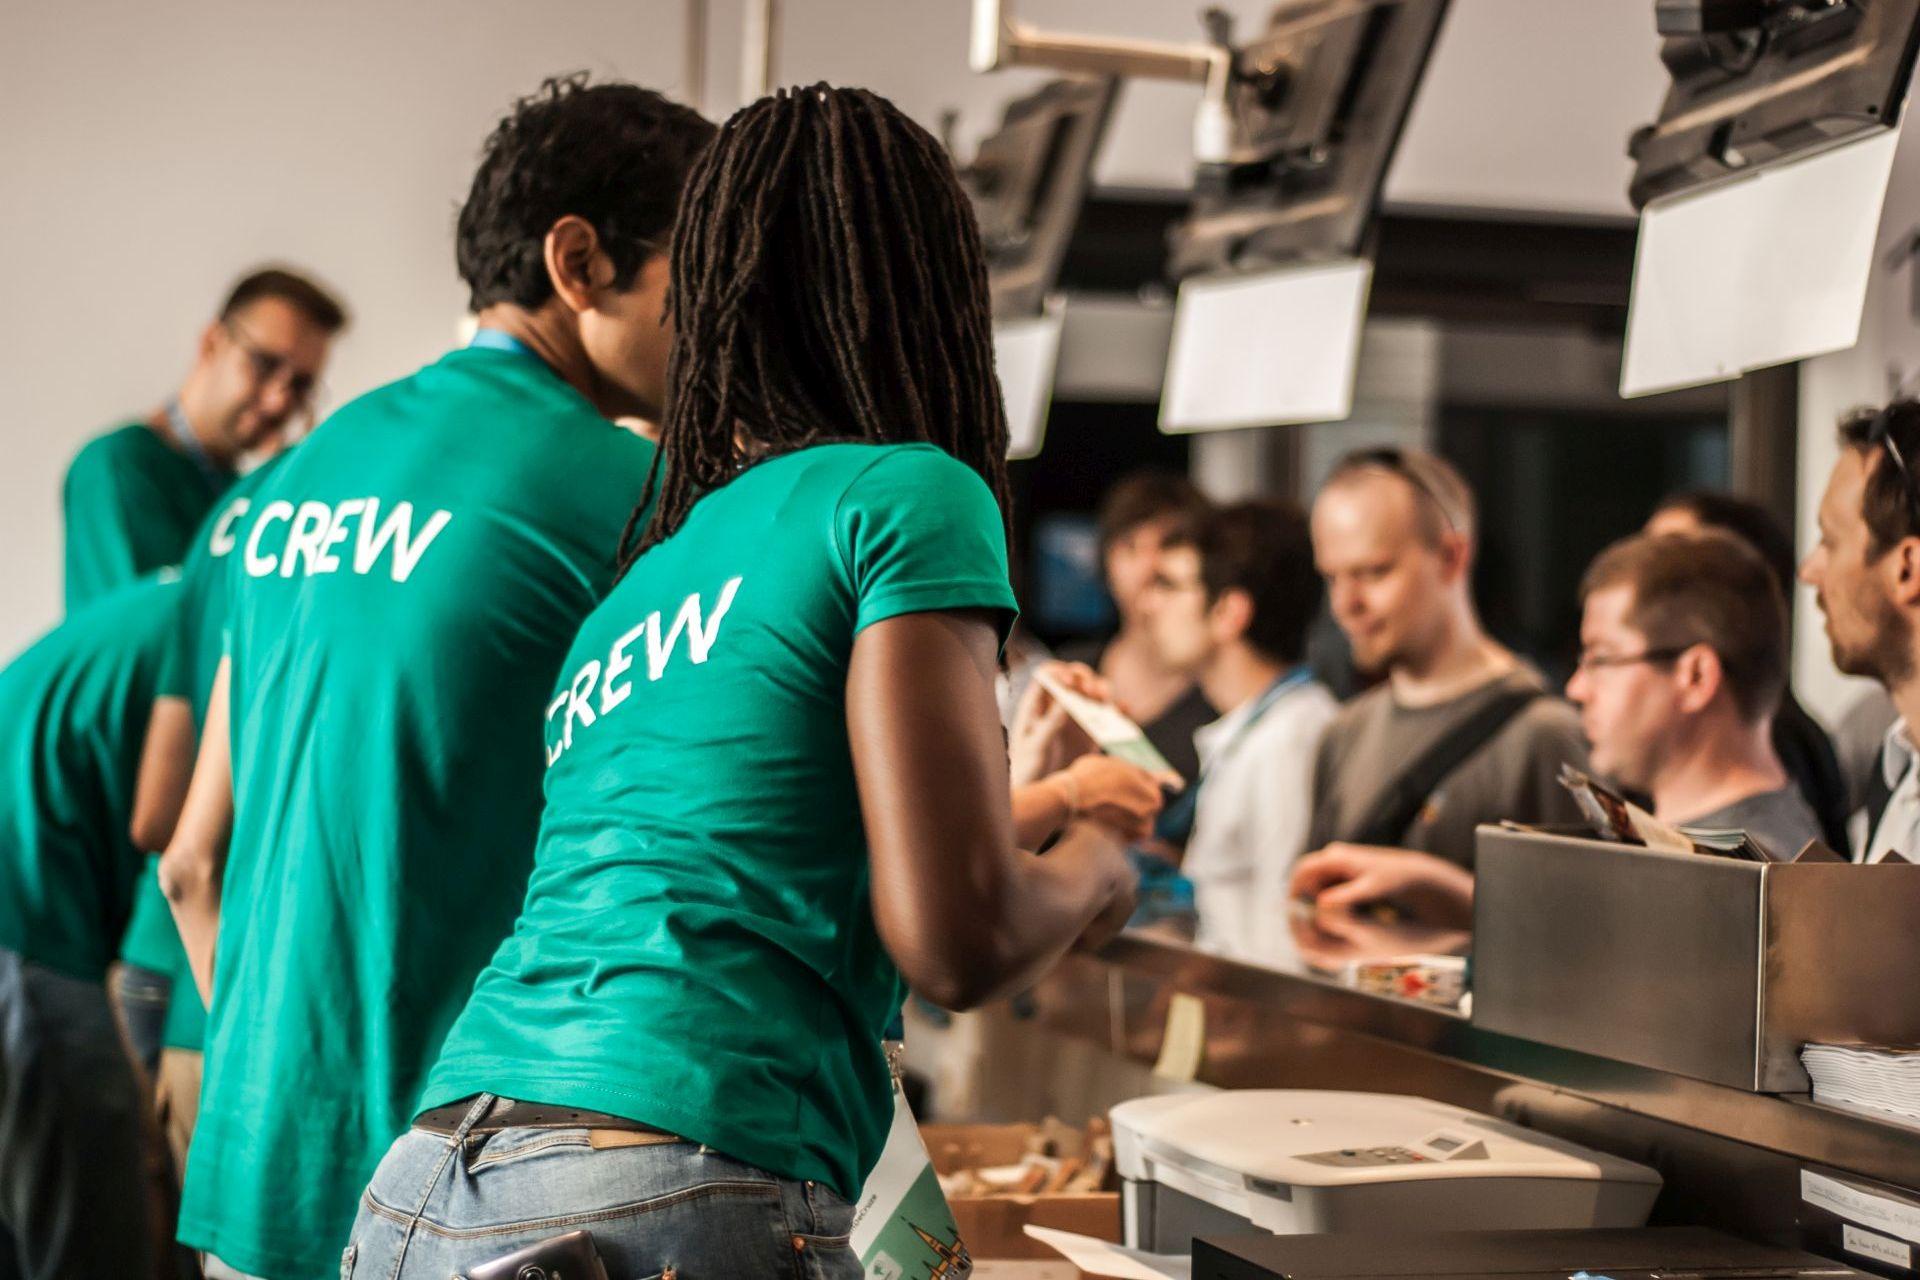 Servicemitarbeiter am Bezahltresen als Beispiel für eine Service-Innovation der Innovationsarten